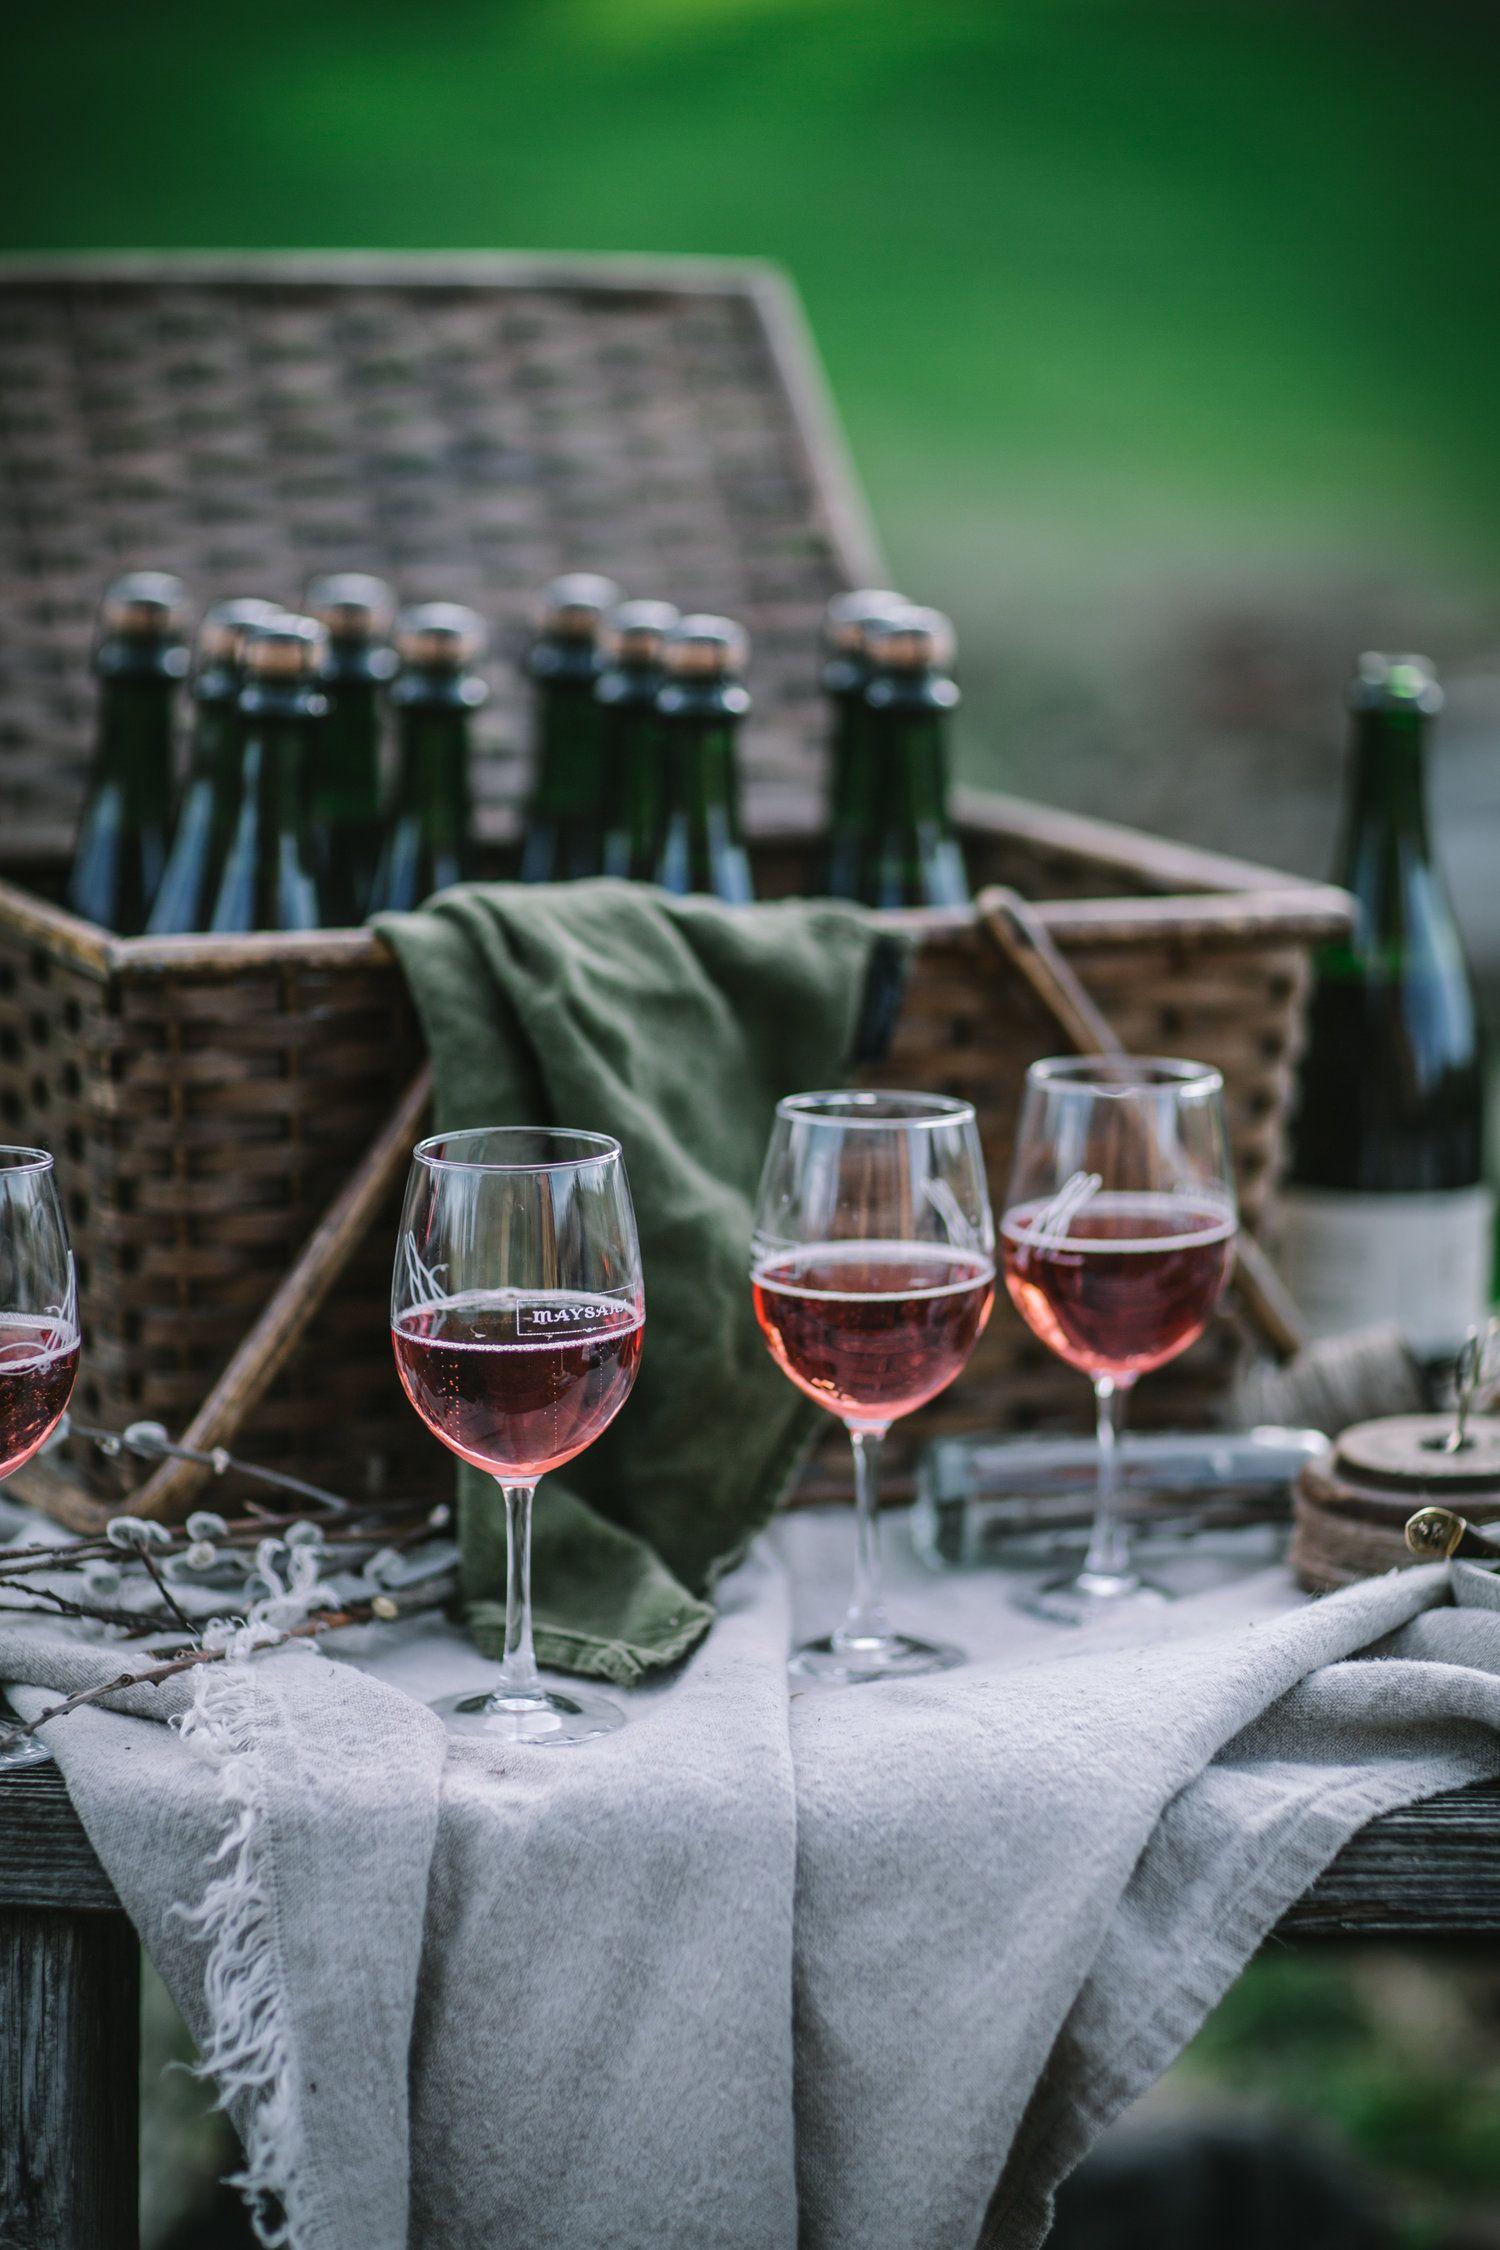 Maysara Wine for a Farm to Table Dinner at Maysara Winery